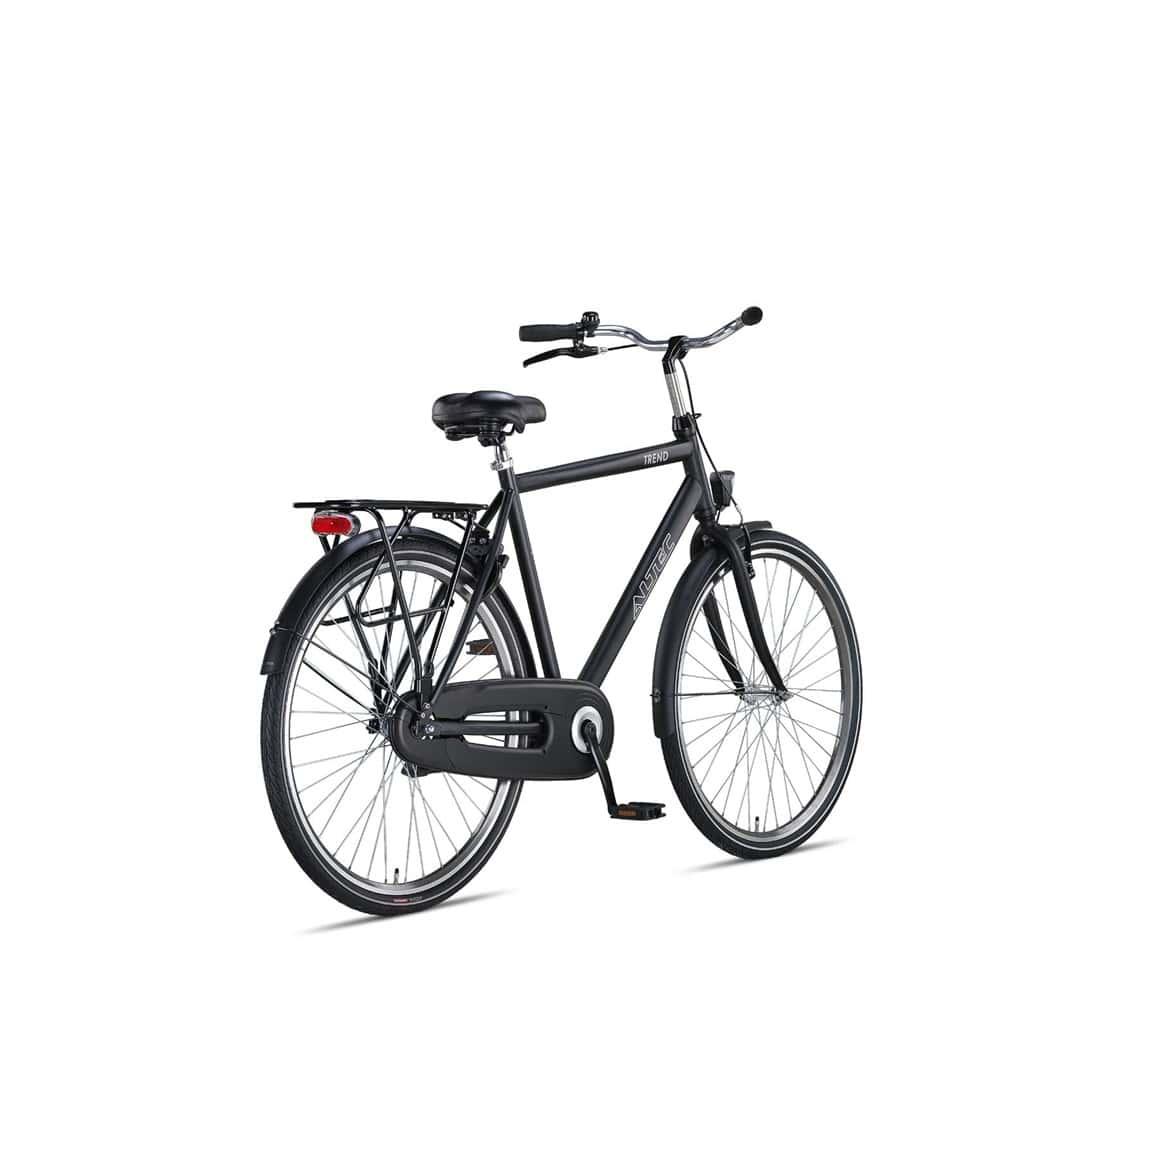 Altec-Trend-28-inch-Herenfiets-61cm-Zwart-2019-2-min